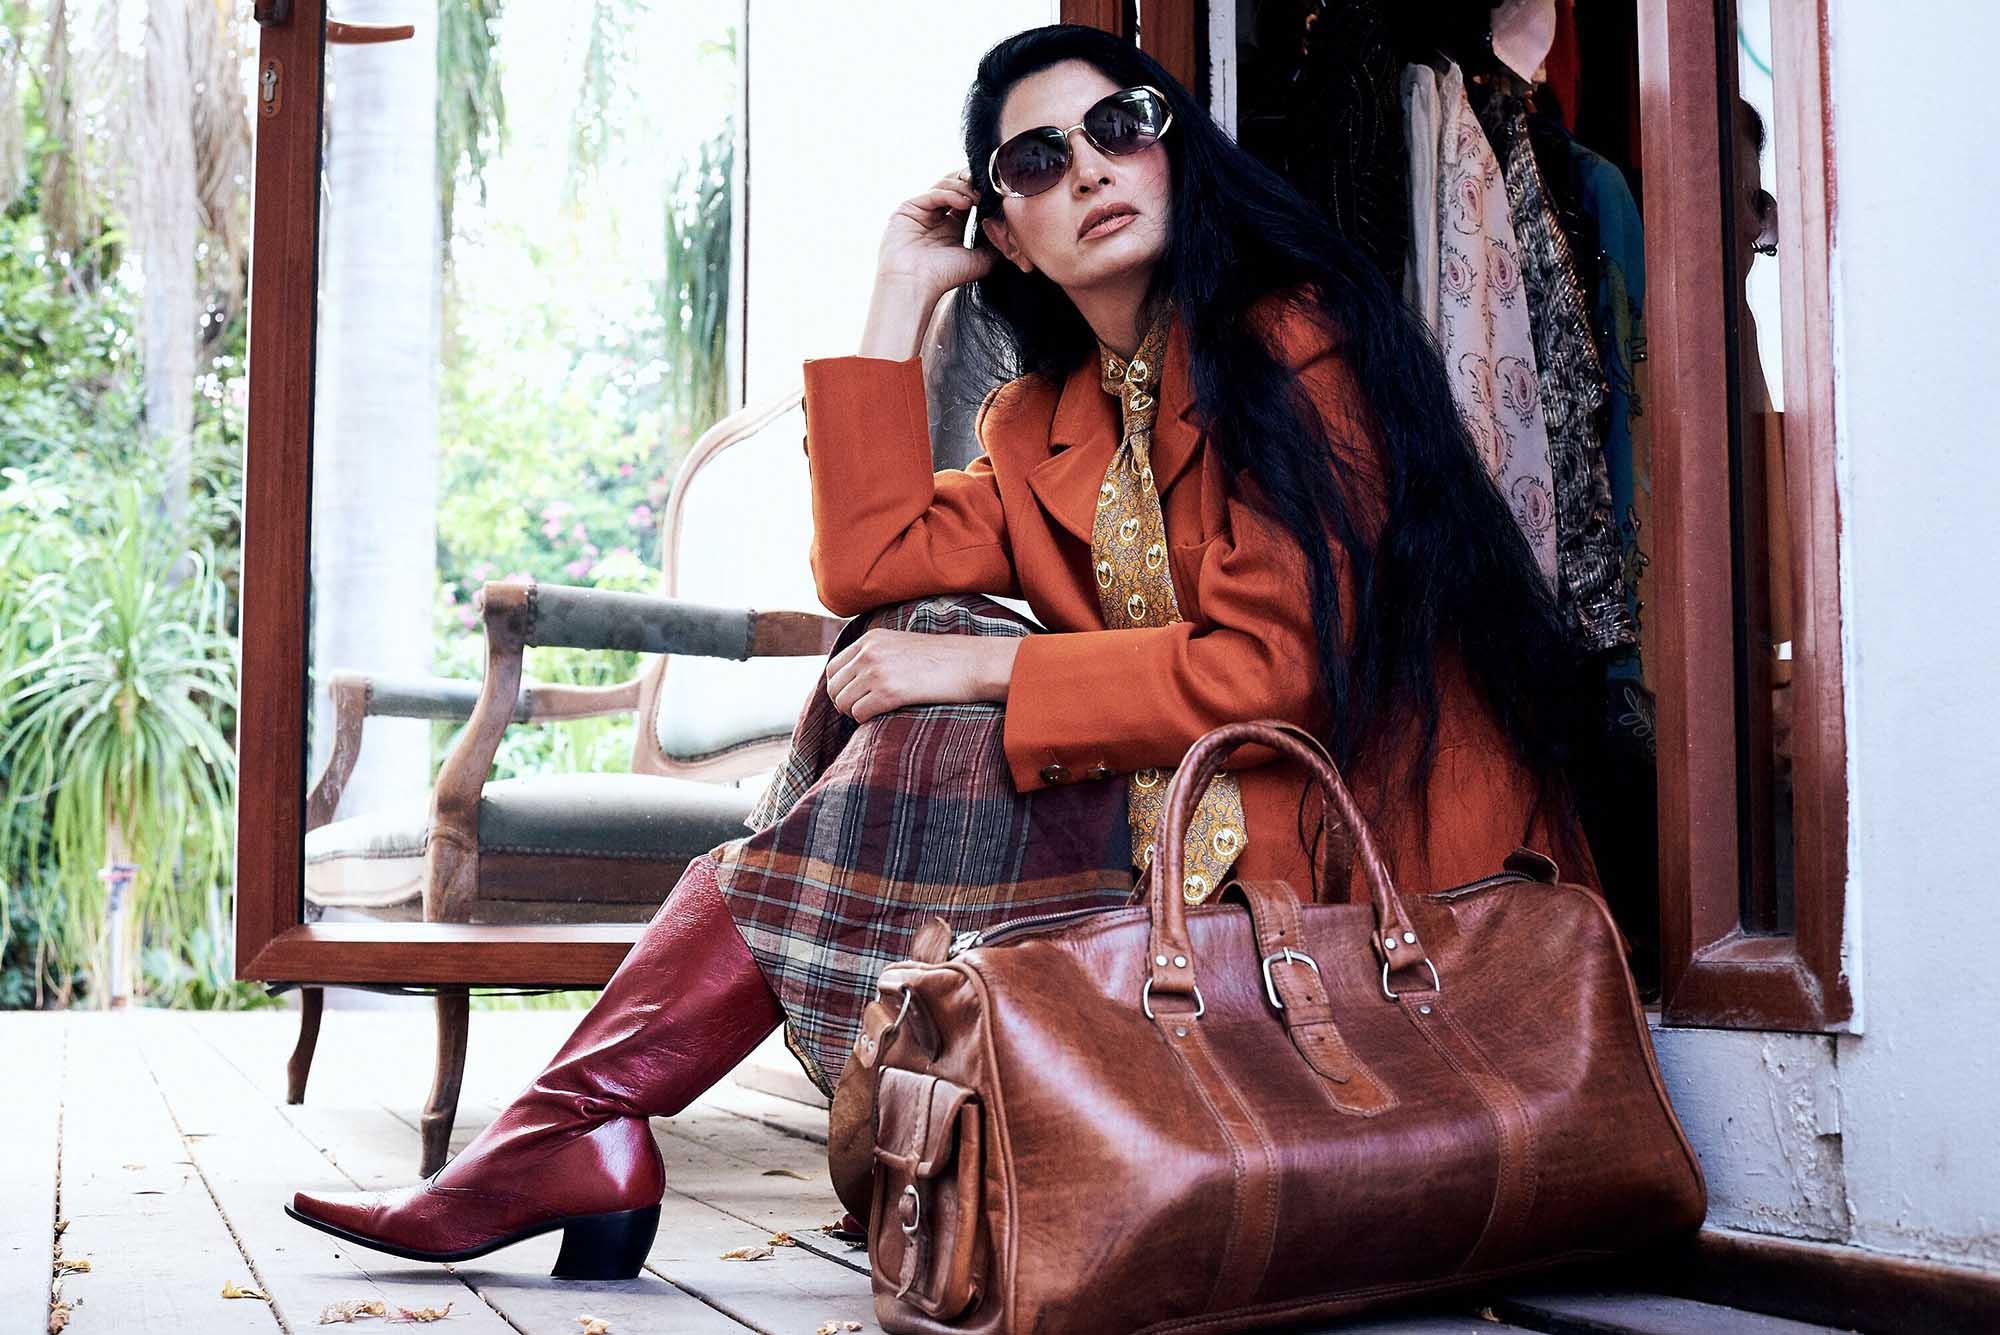 אופנה, כתבות, סטיילינג בית בוטיק ניבה, צילום kim kandler - 3